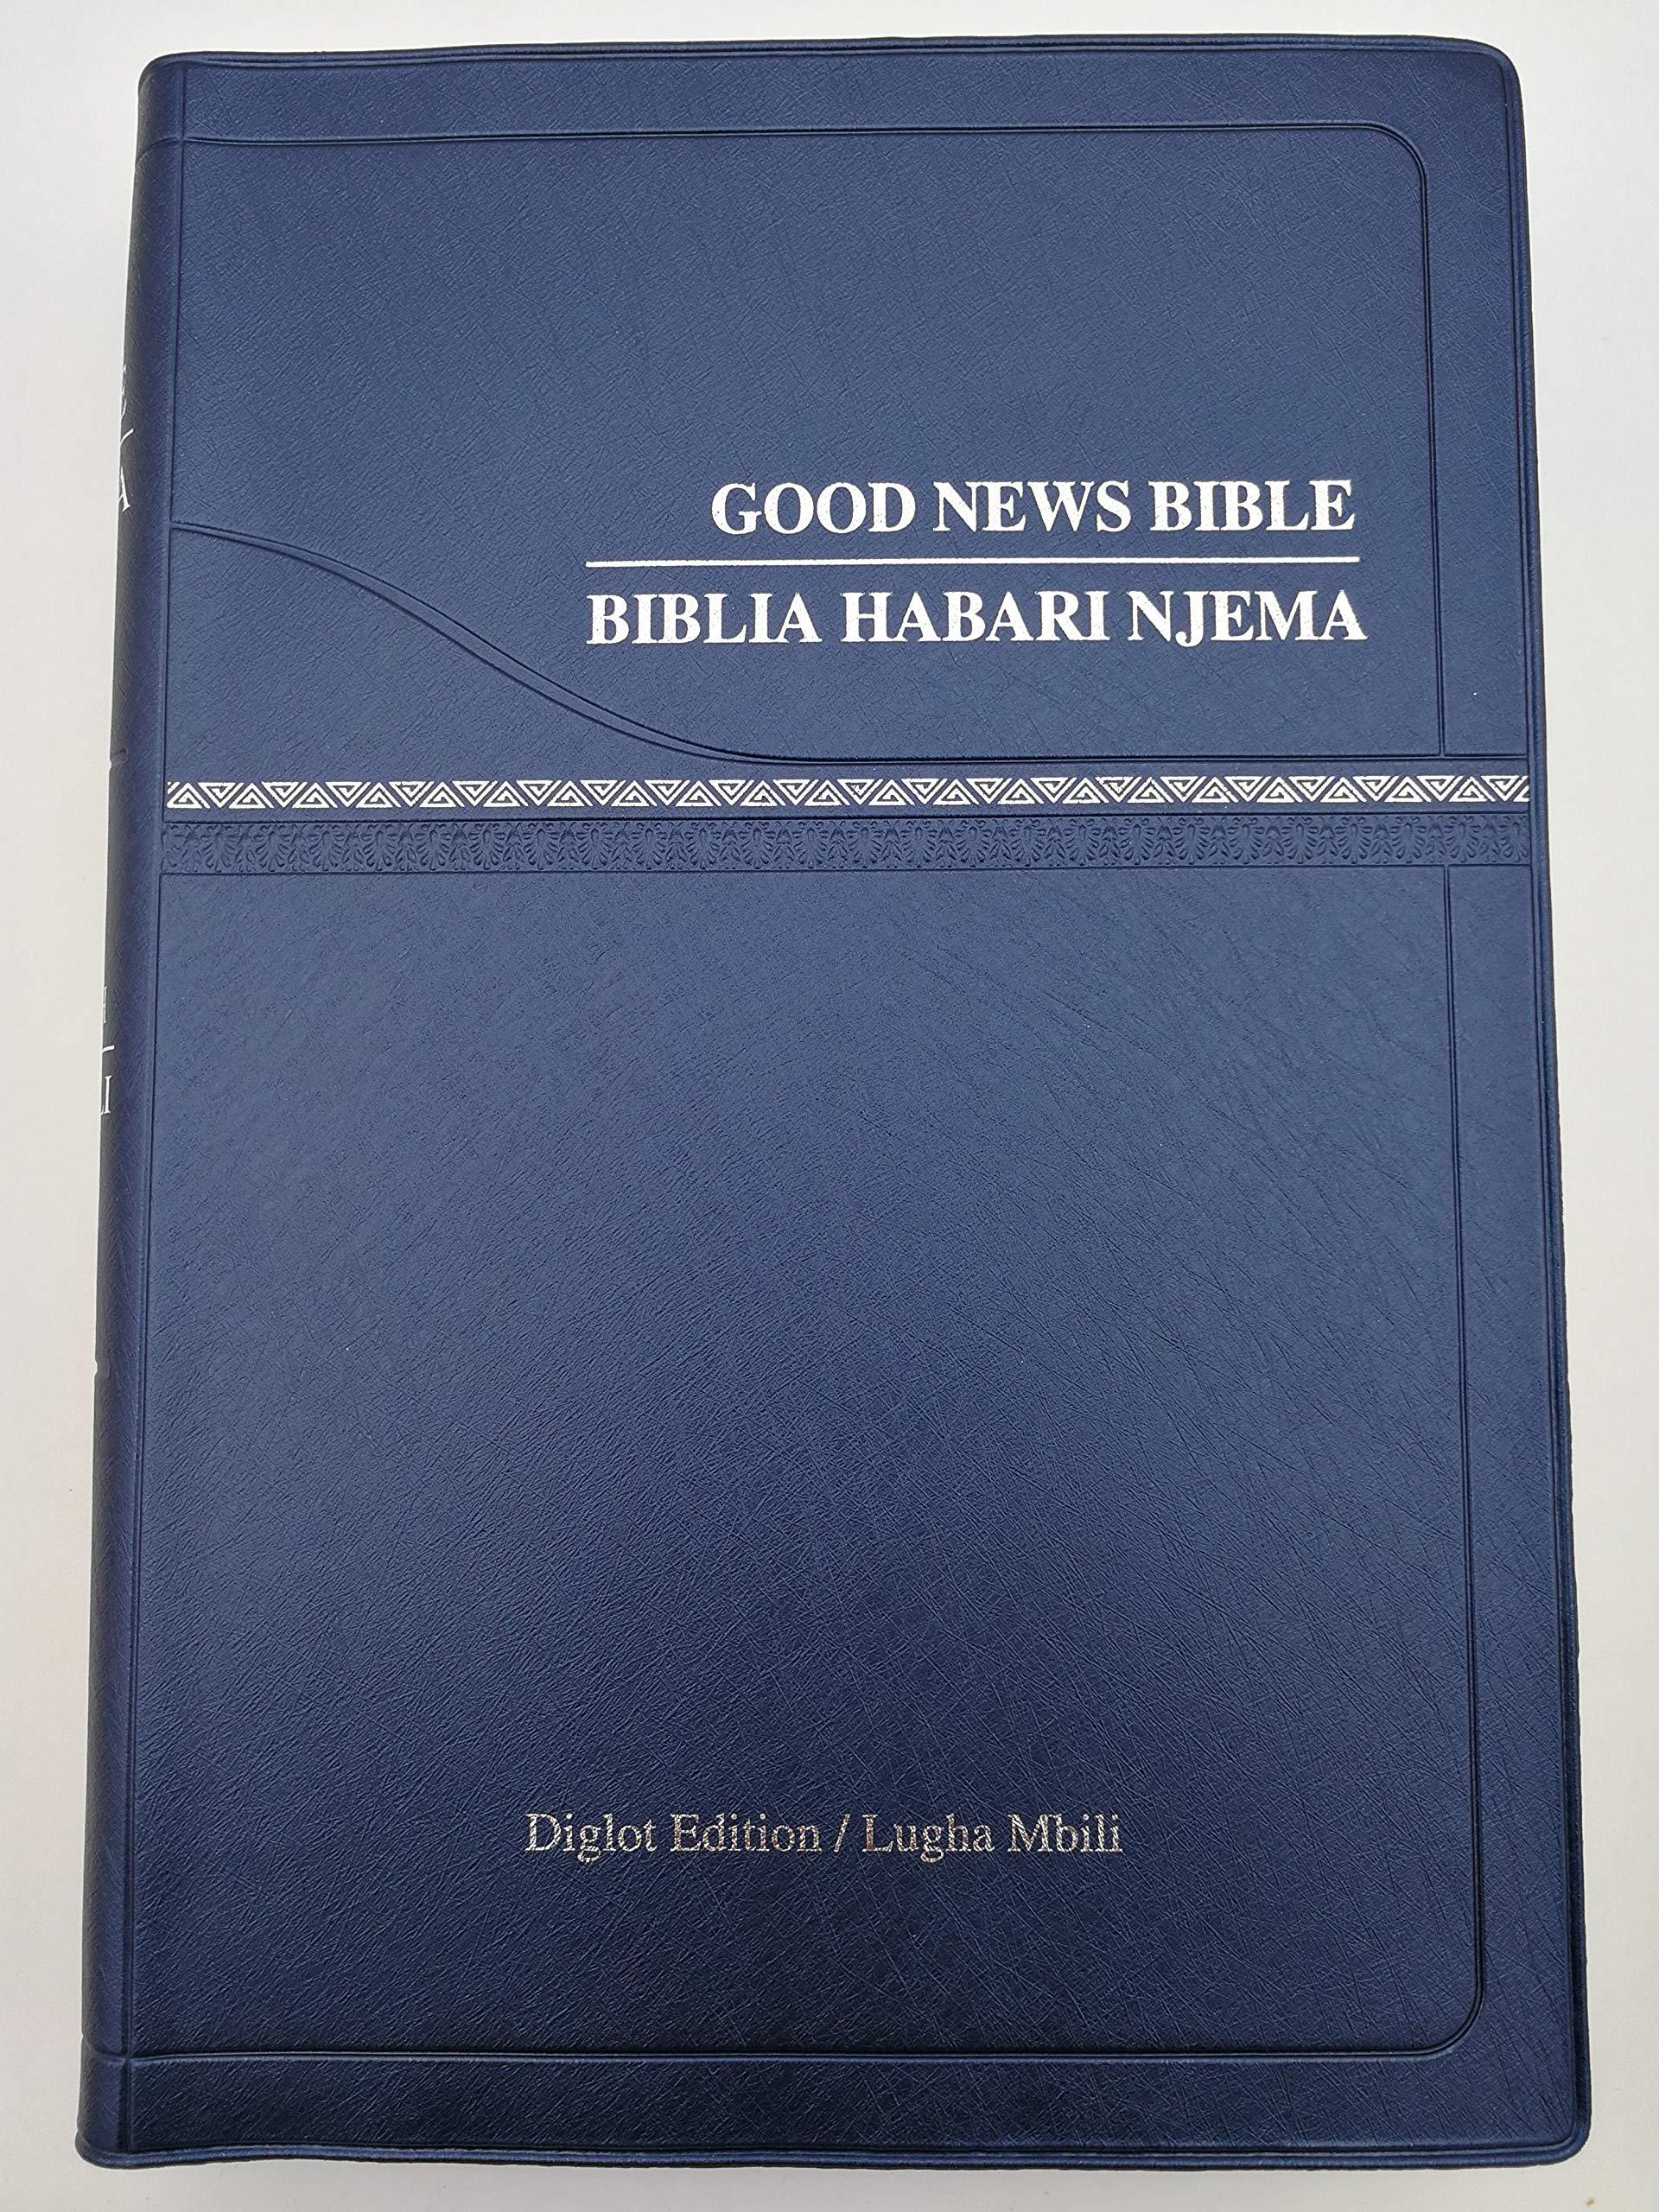 Amazon Com English Swahili Bible Biblia Kiswahili Good News Bible Diglot Edition Biblia Habari Njema Lugha Mbili Dicl060pl Series Gray Gilded Edges Bible Society Electronics